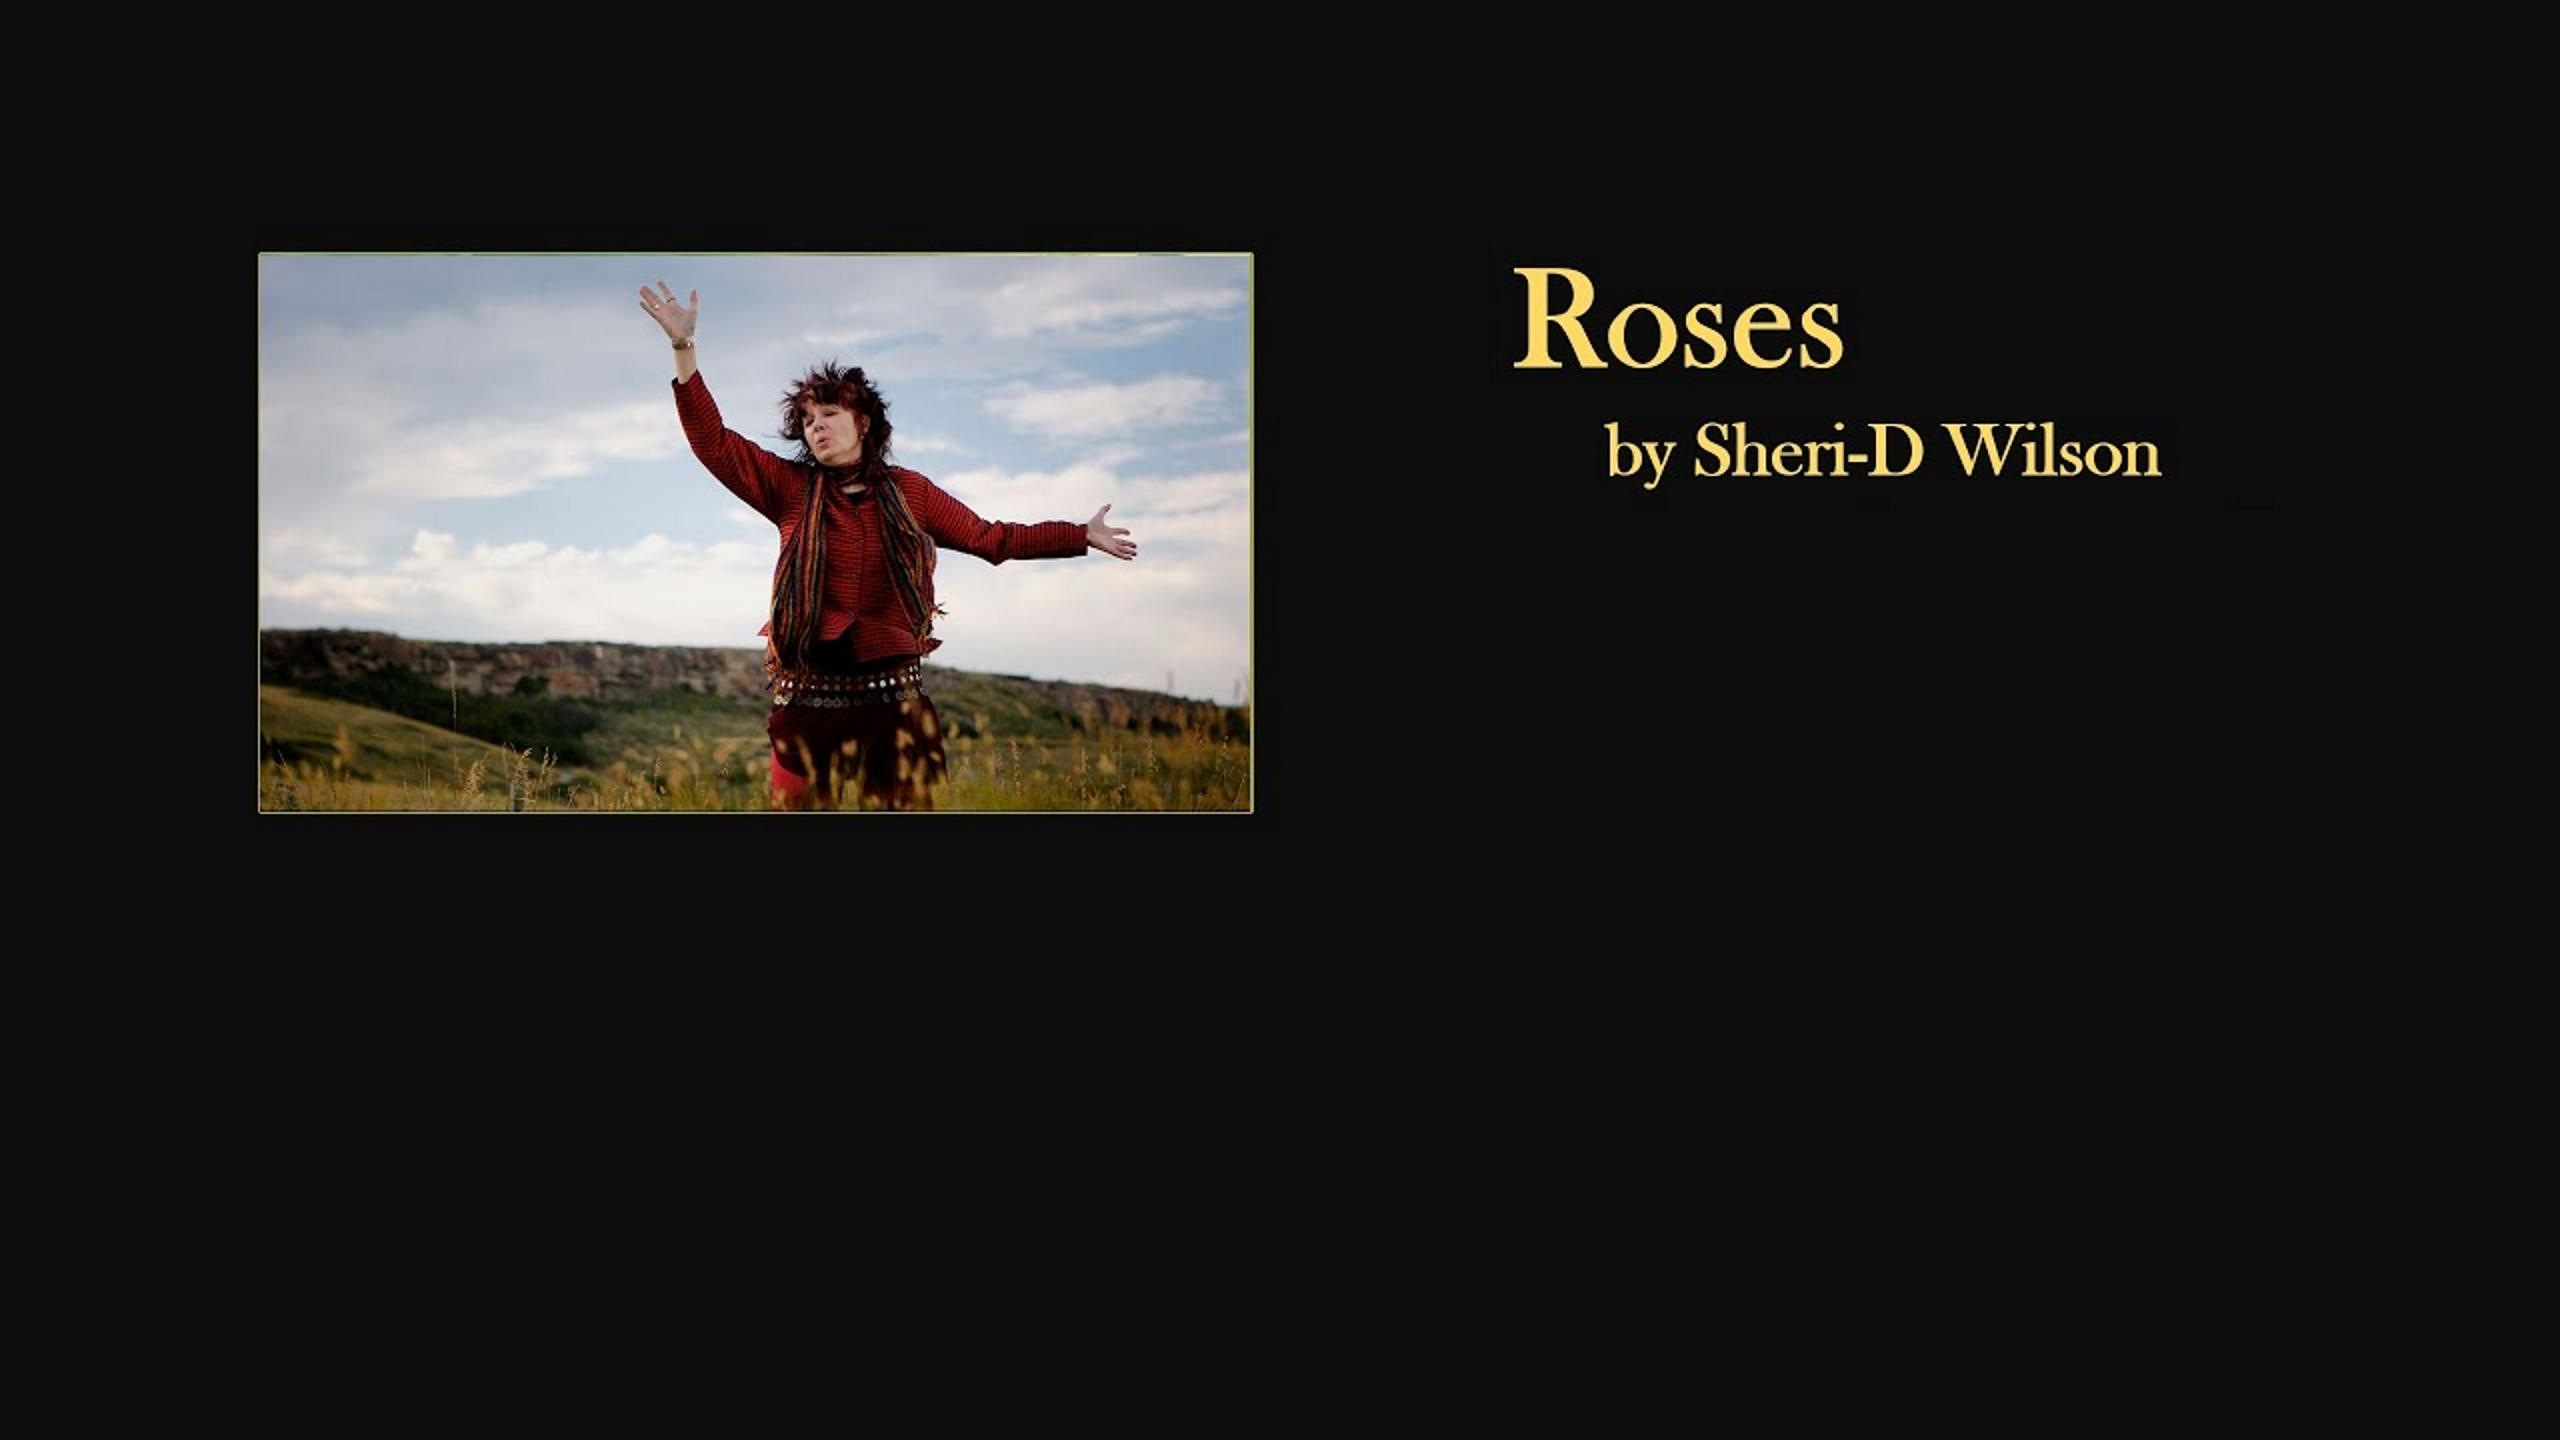 Roses_youtube_image